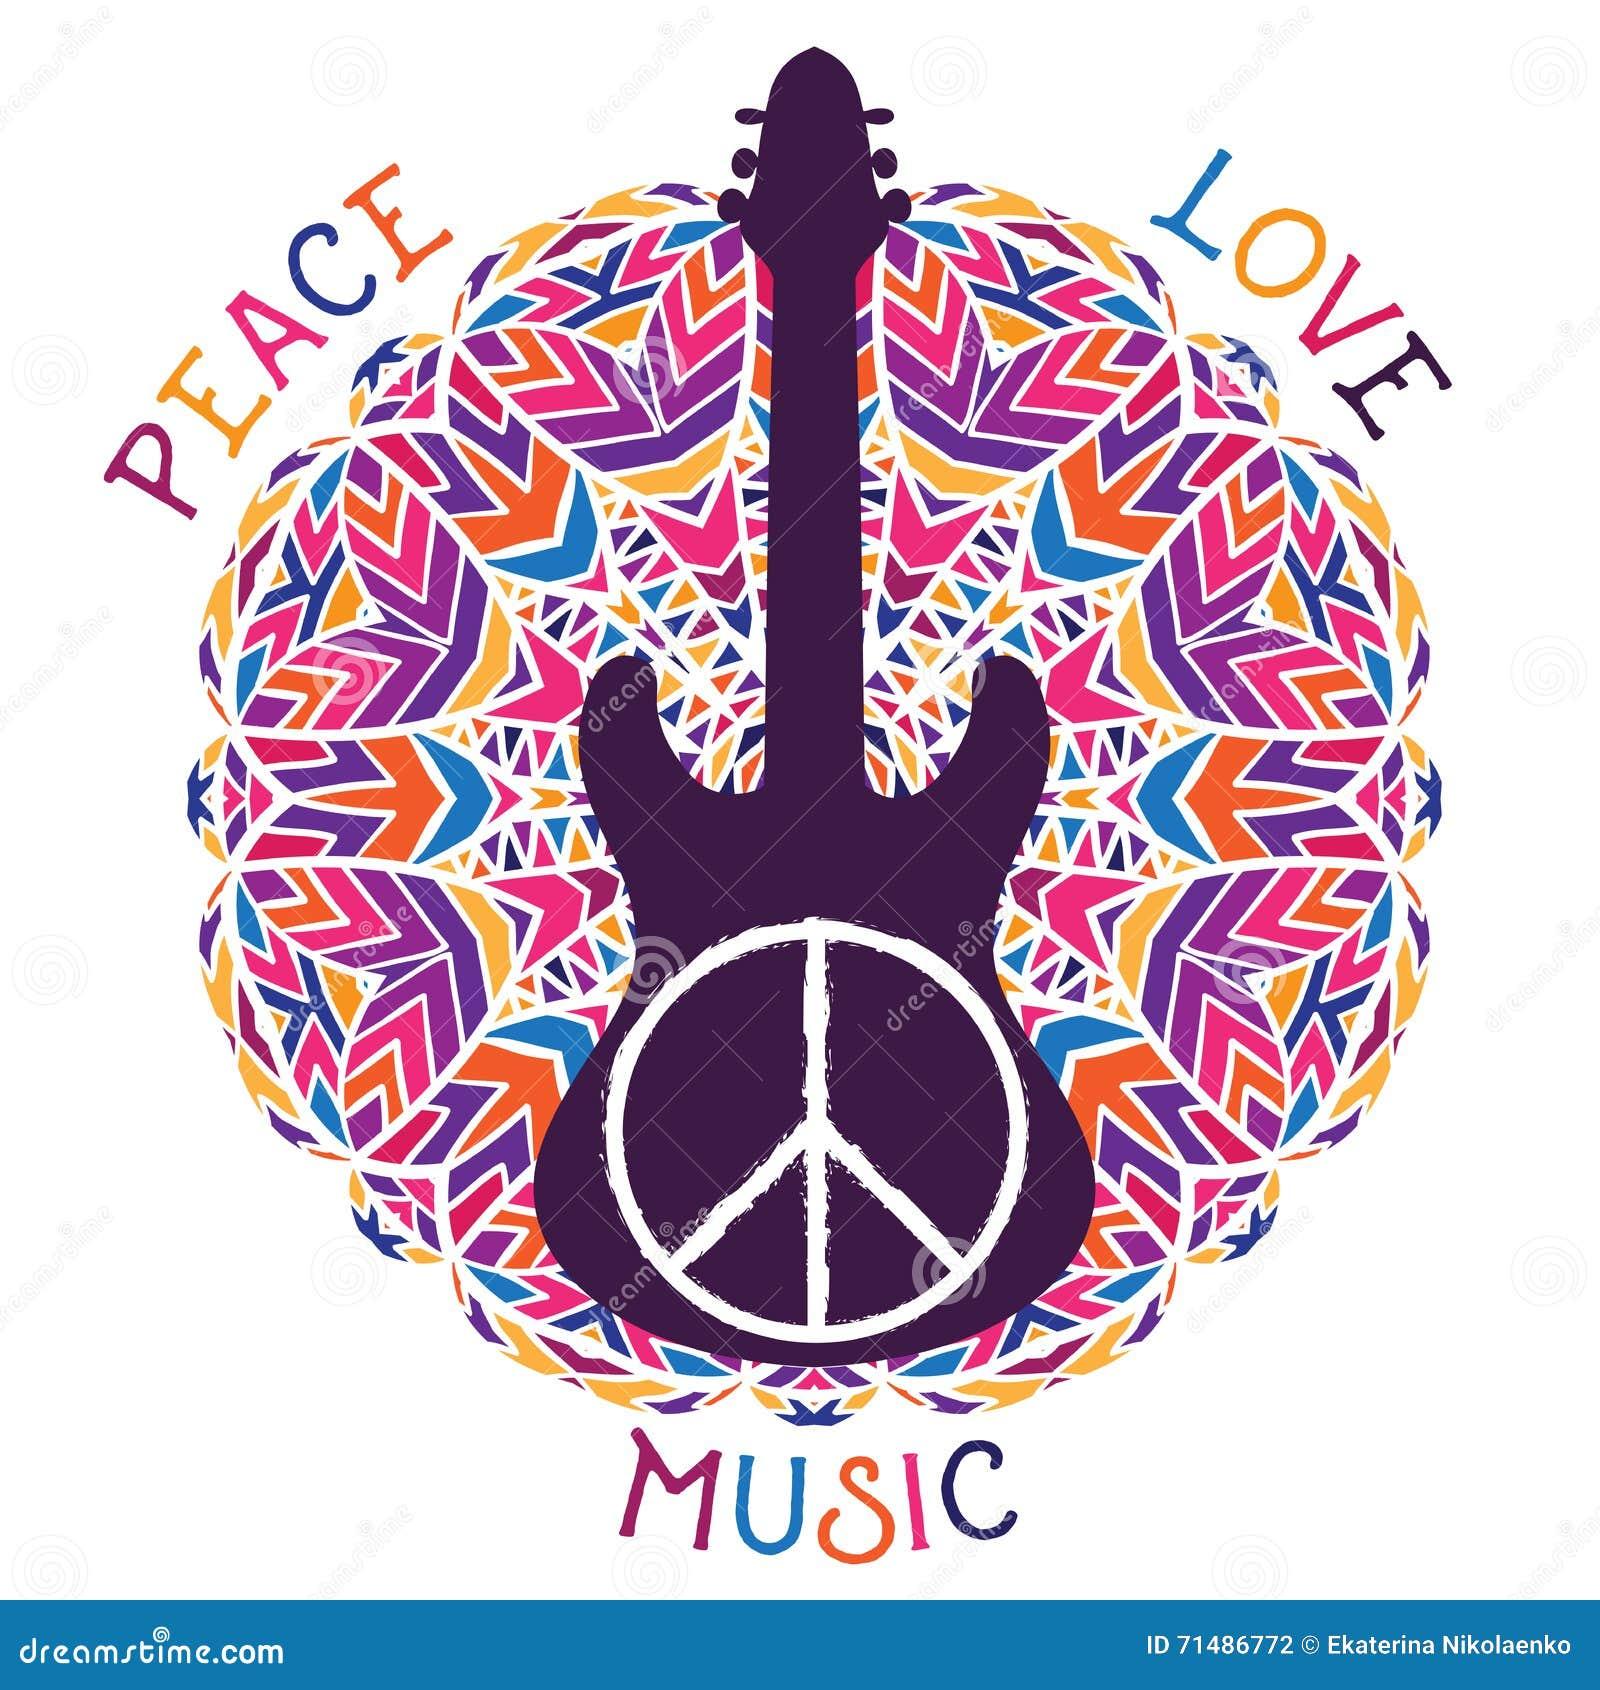 Hippiefredsymbol Fred, förälskelse, musiktecken och gitarr på utsmyckad färgrik mandalabakgrund